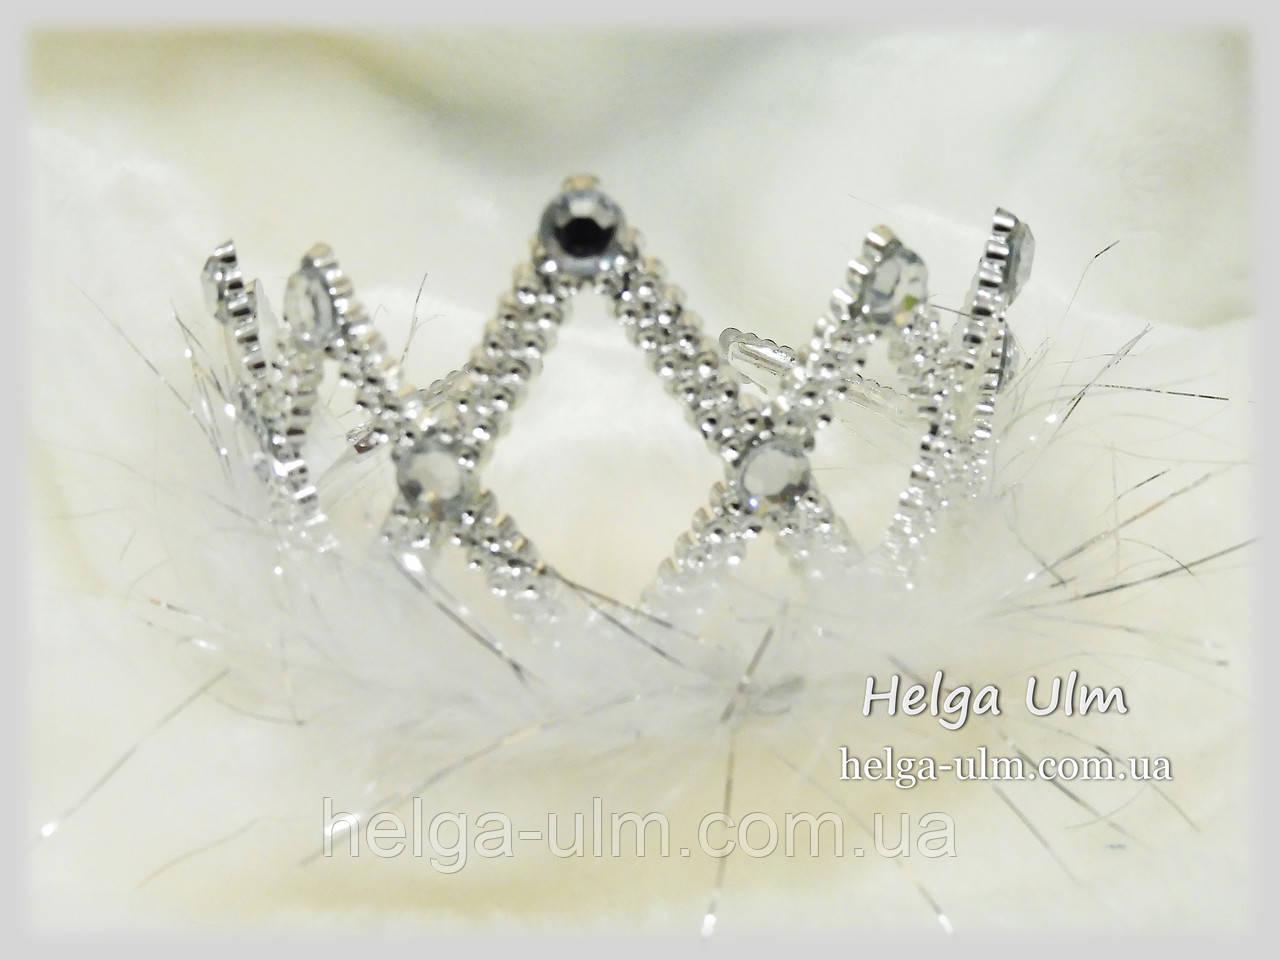 Корона срібна (пластик) для карнавального костюму, прокат лише з костюмами.